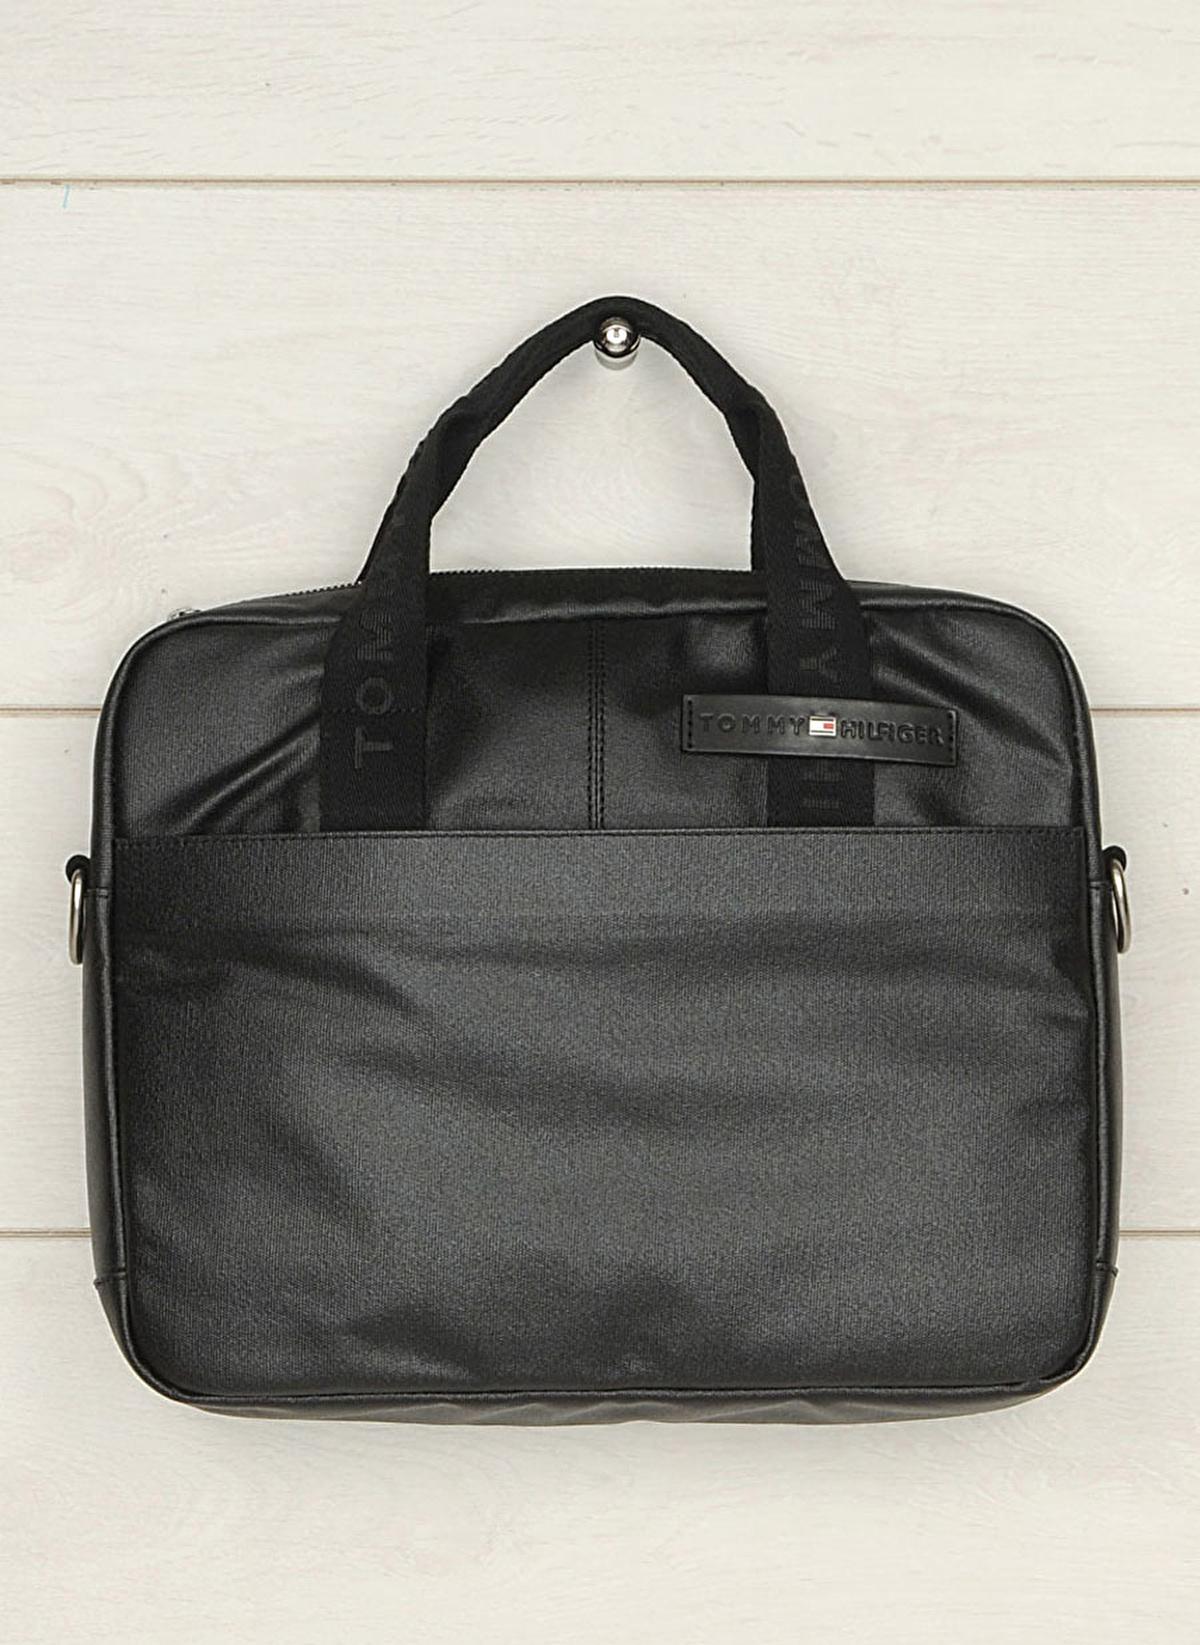 a892e05ae1e52 Tommy Hilfiger Erkek Laptop /Evrak Çantası Black | Morhipo | 2191999